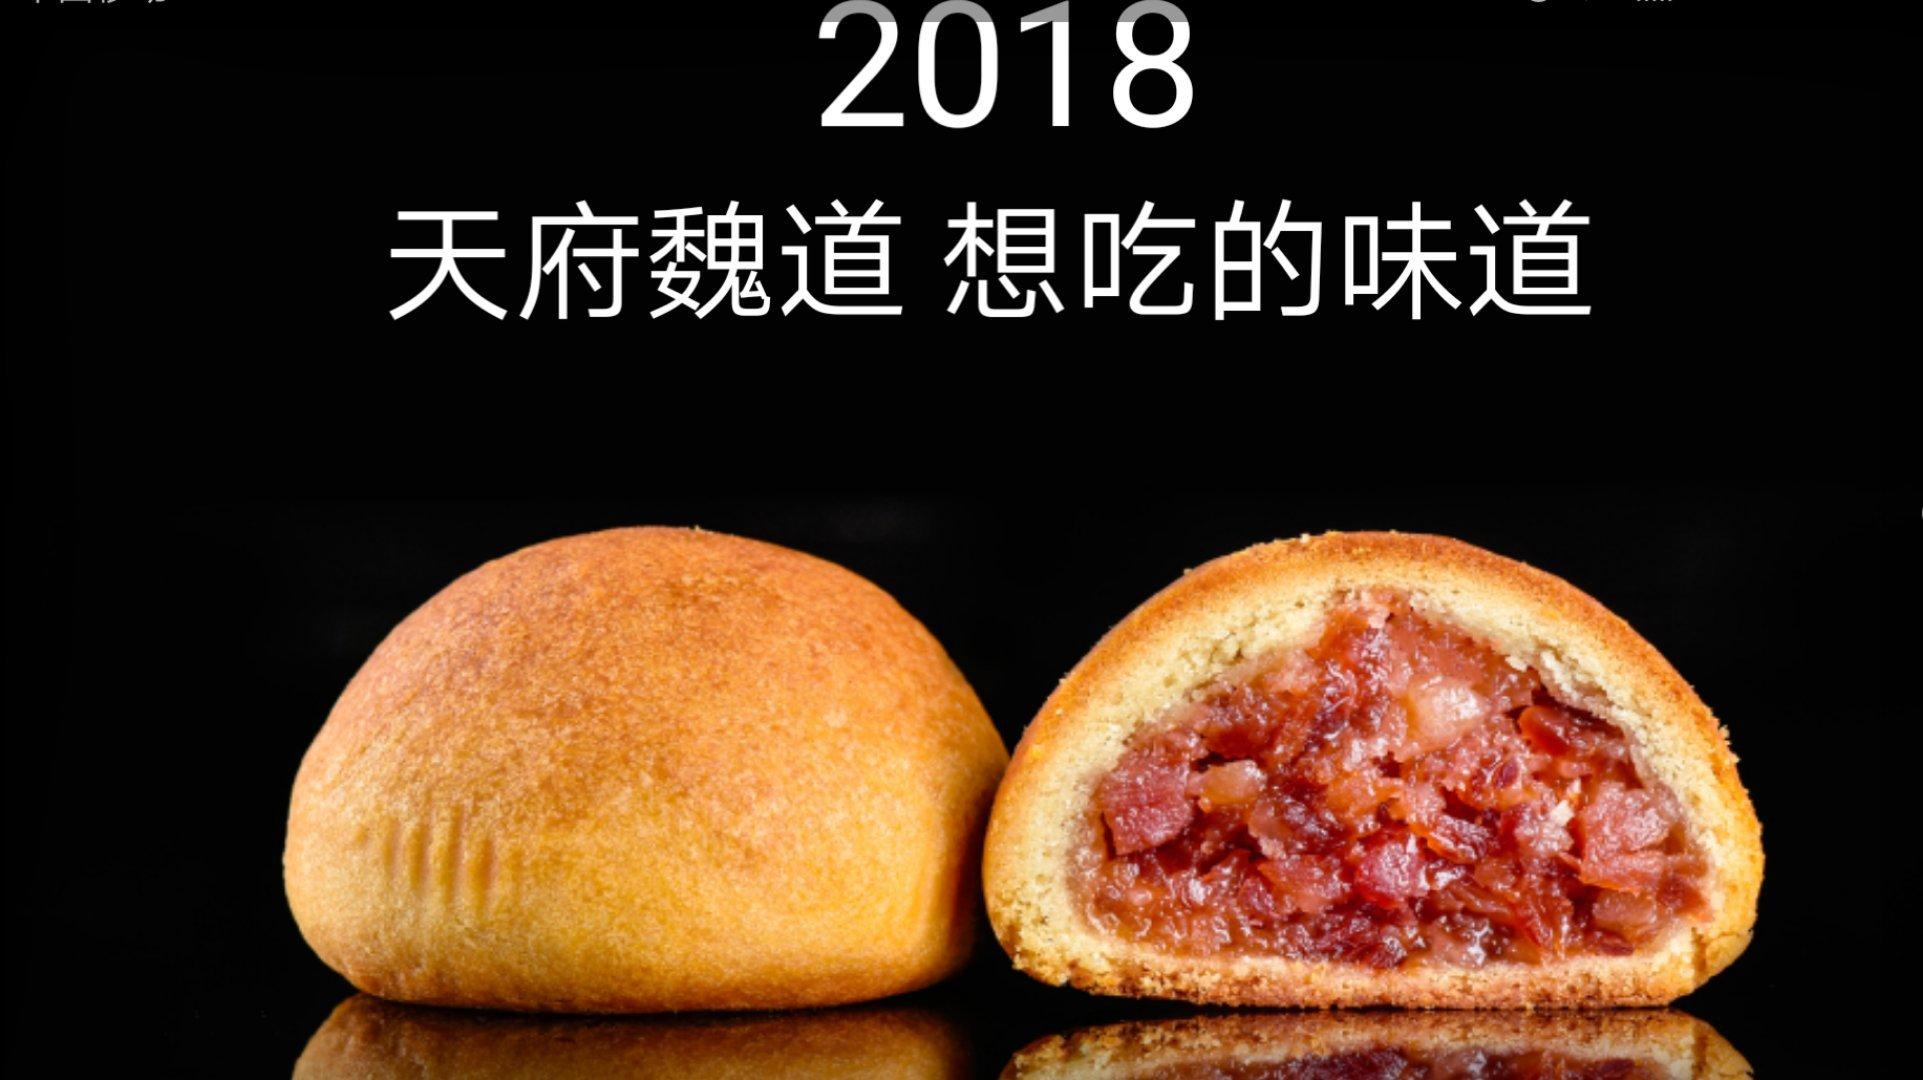 传统口味走俏 月饼市场大战即将打响